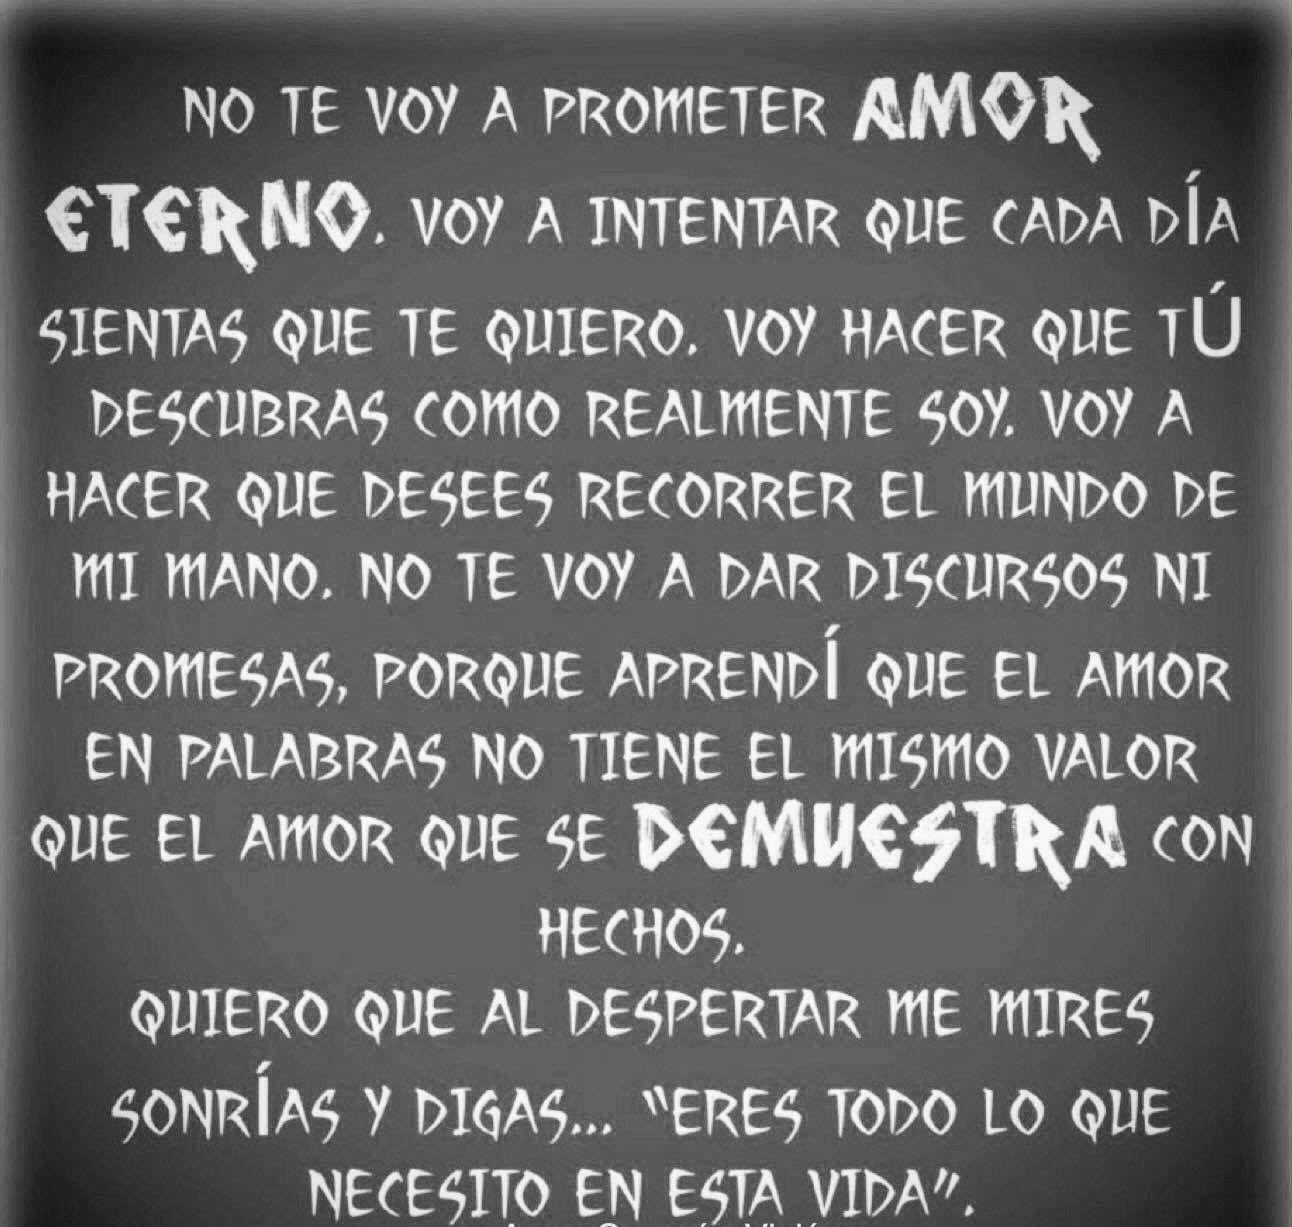 No Te Voy A Prometer Amor Eterno Voy A Intentar Que Cada Dia Sientas Que Te Quiero Quotes Just Love Love